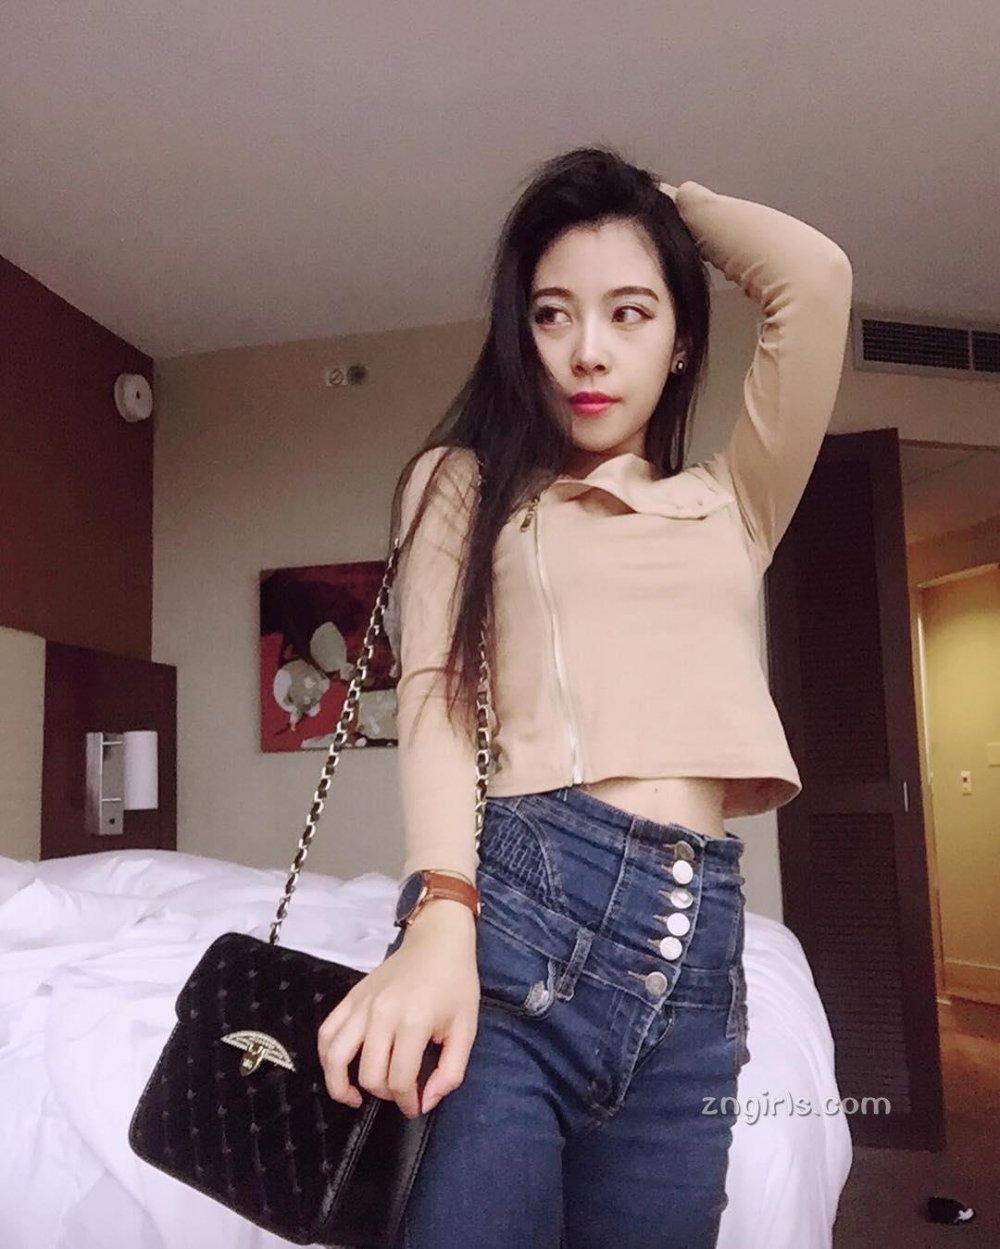 台湾空姐美照酥胸诱惑撩人